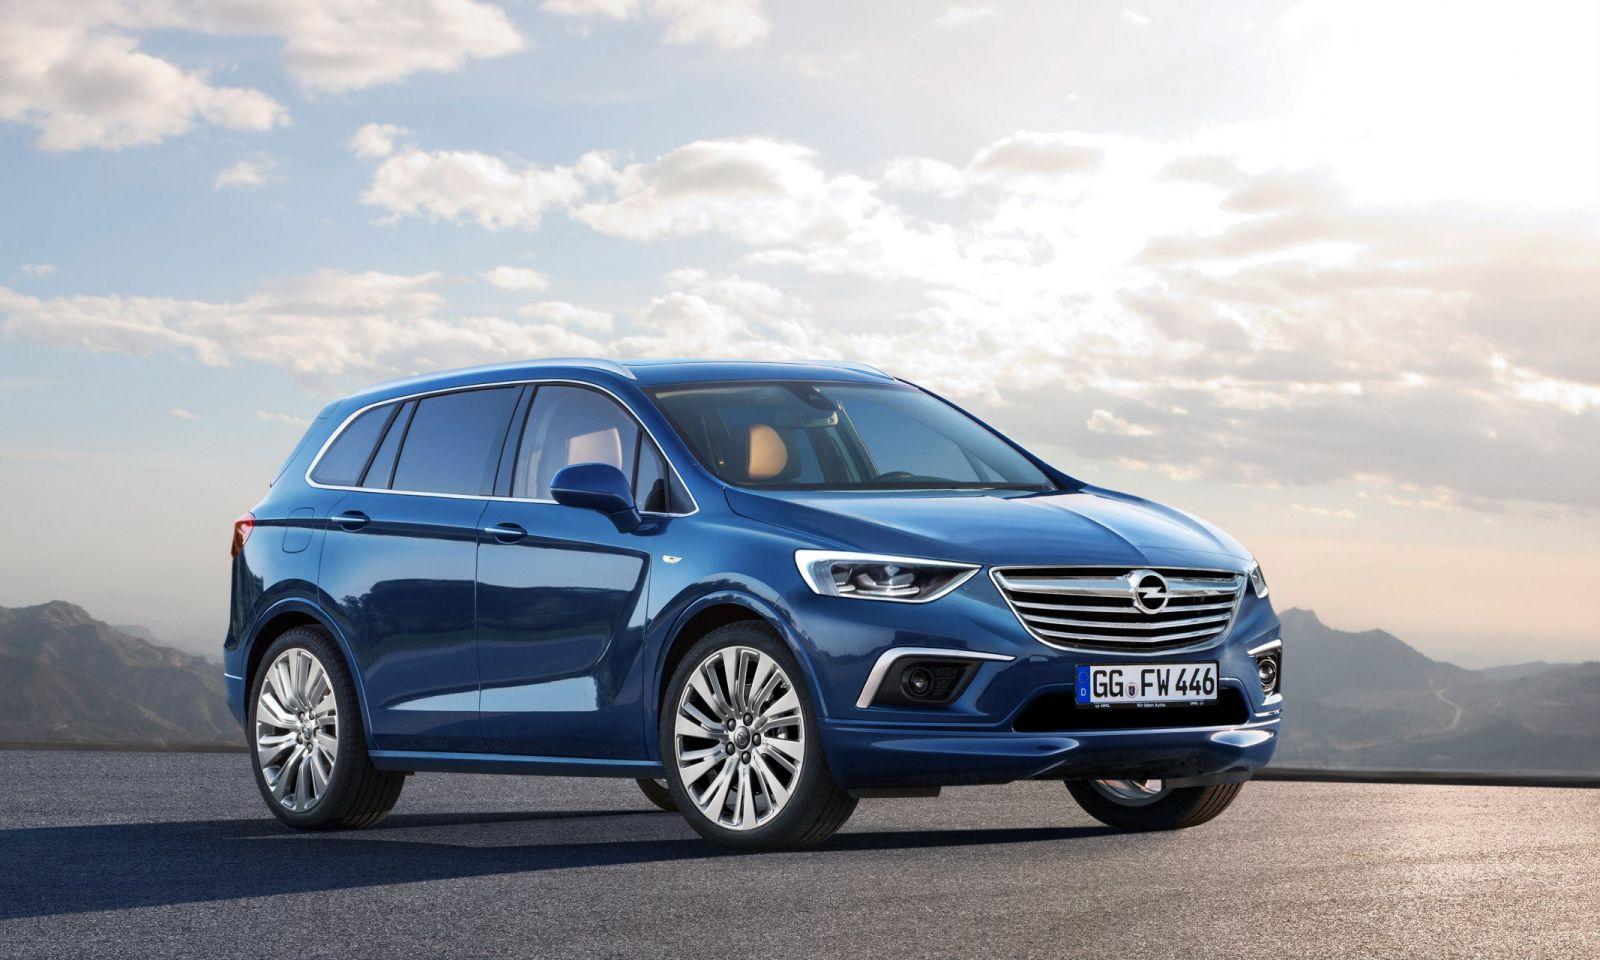 Opel Crossland X leasen in 2017 | ActivLease